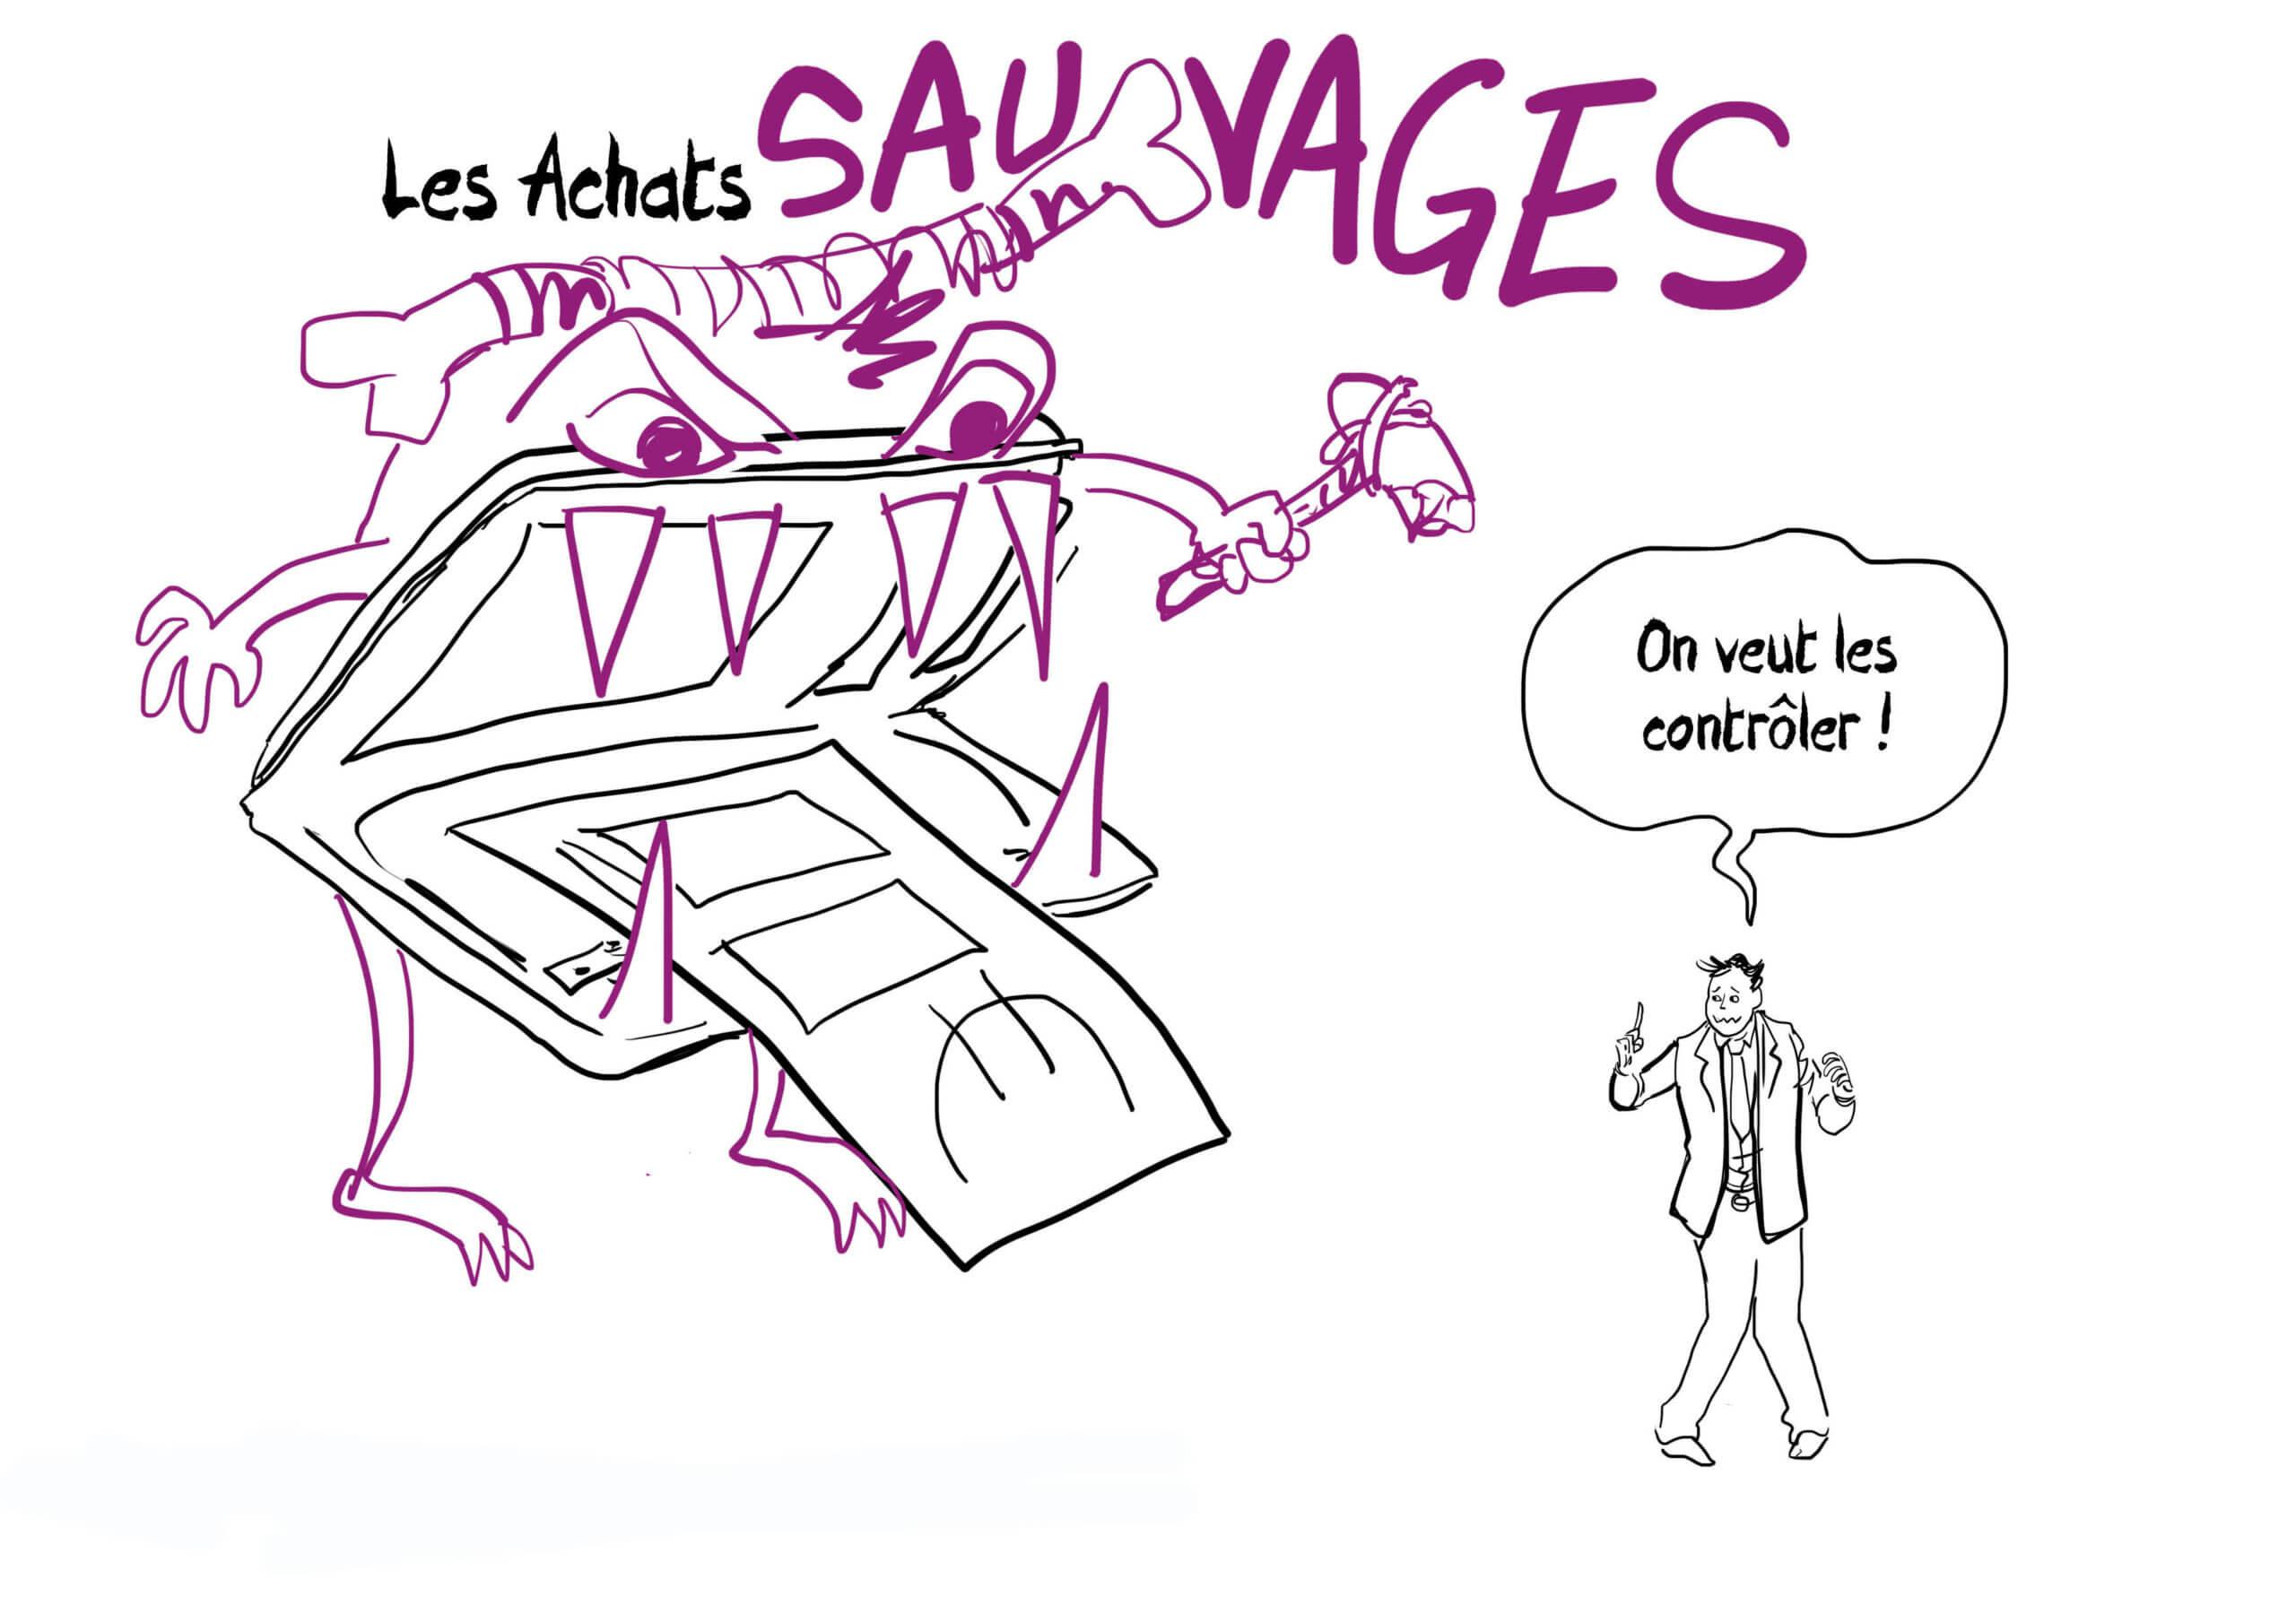 https://www.acxias.com/wp-content/uploads/2020/07/Solutions-digitales-pour-les-ETI-scaled.jpg